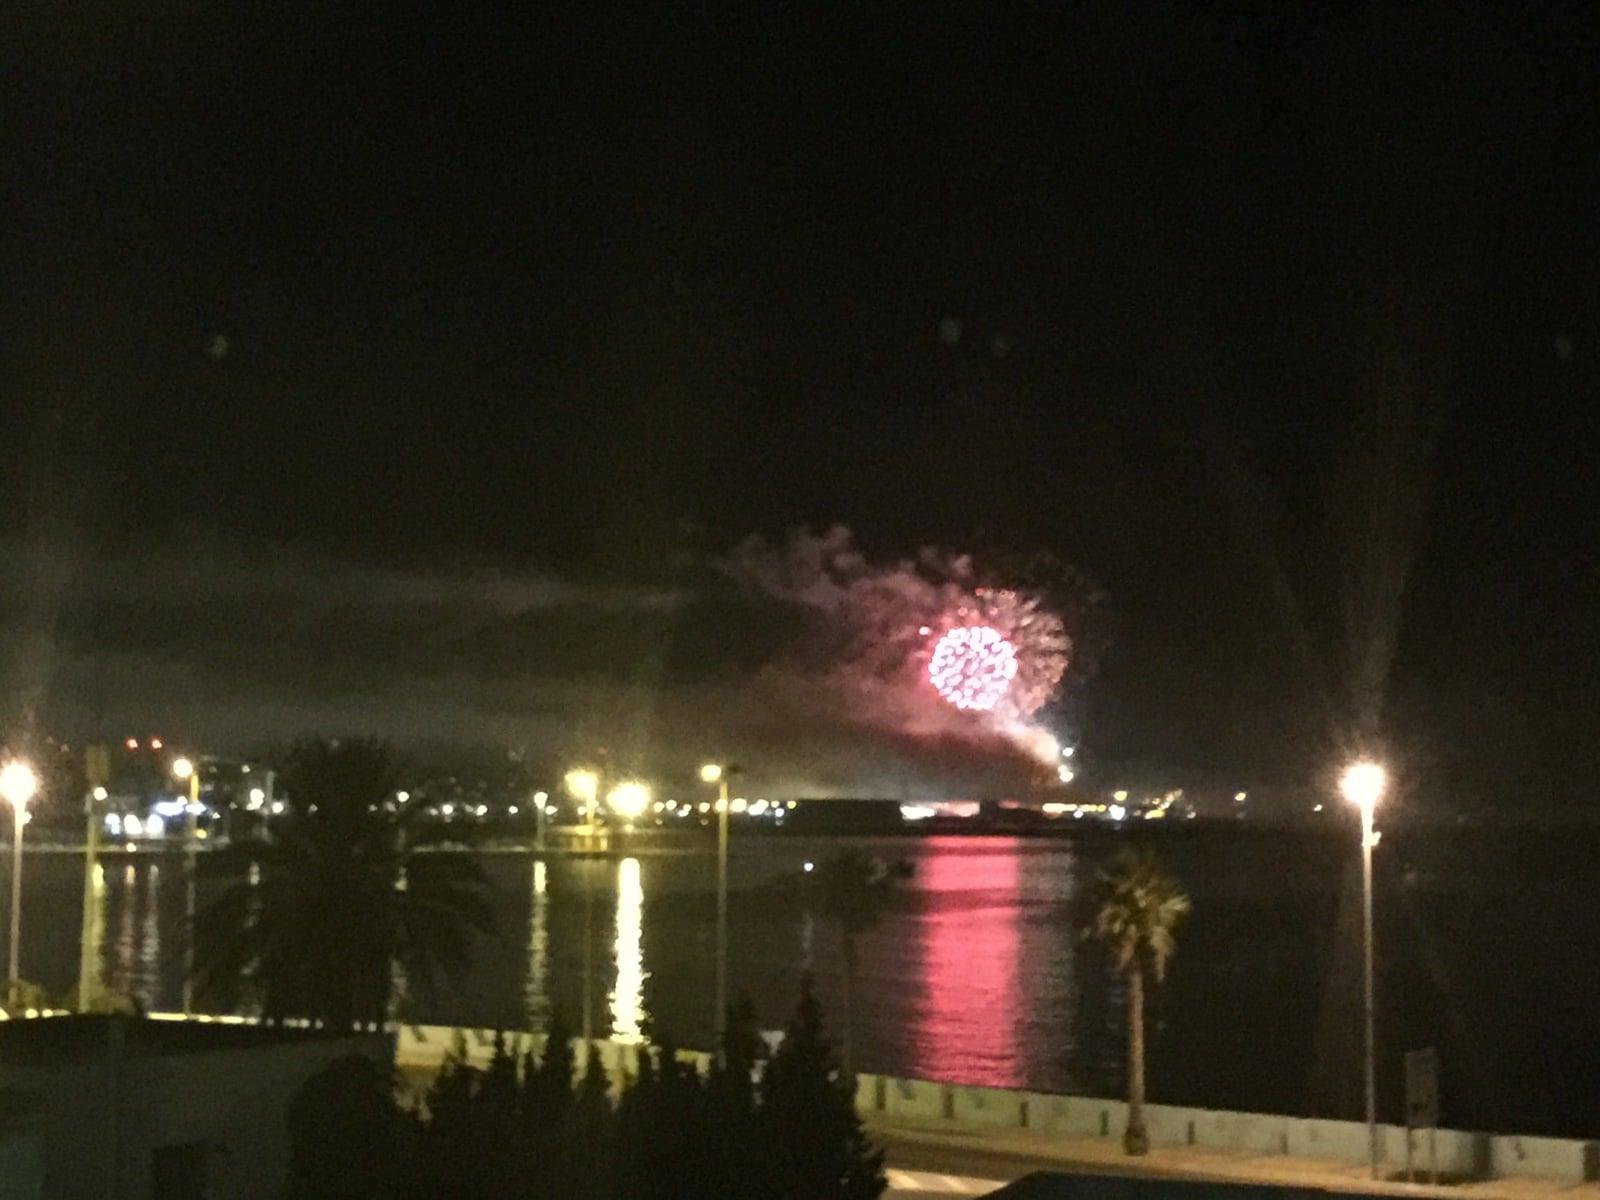 fuegos-artificiales-como-colofn-del-da-nacional-de-gibraltar-2015_22557048340_o